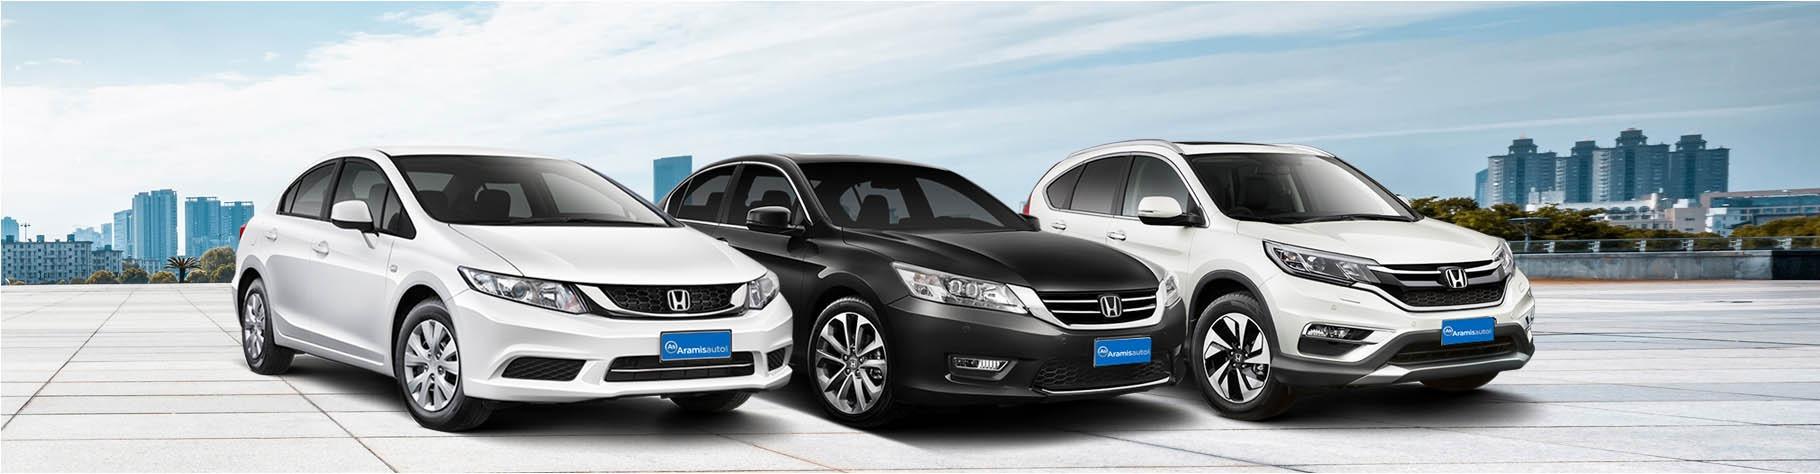 Guide d'achat Honda